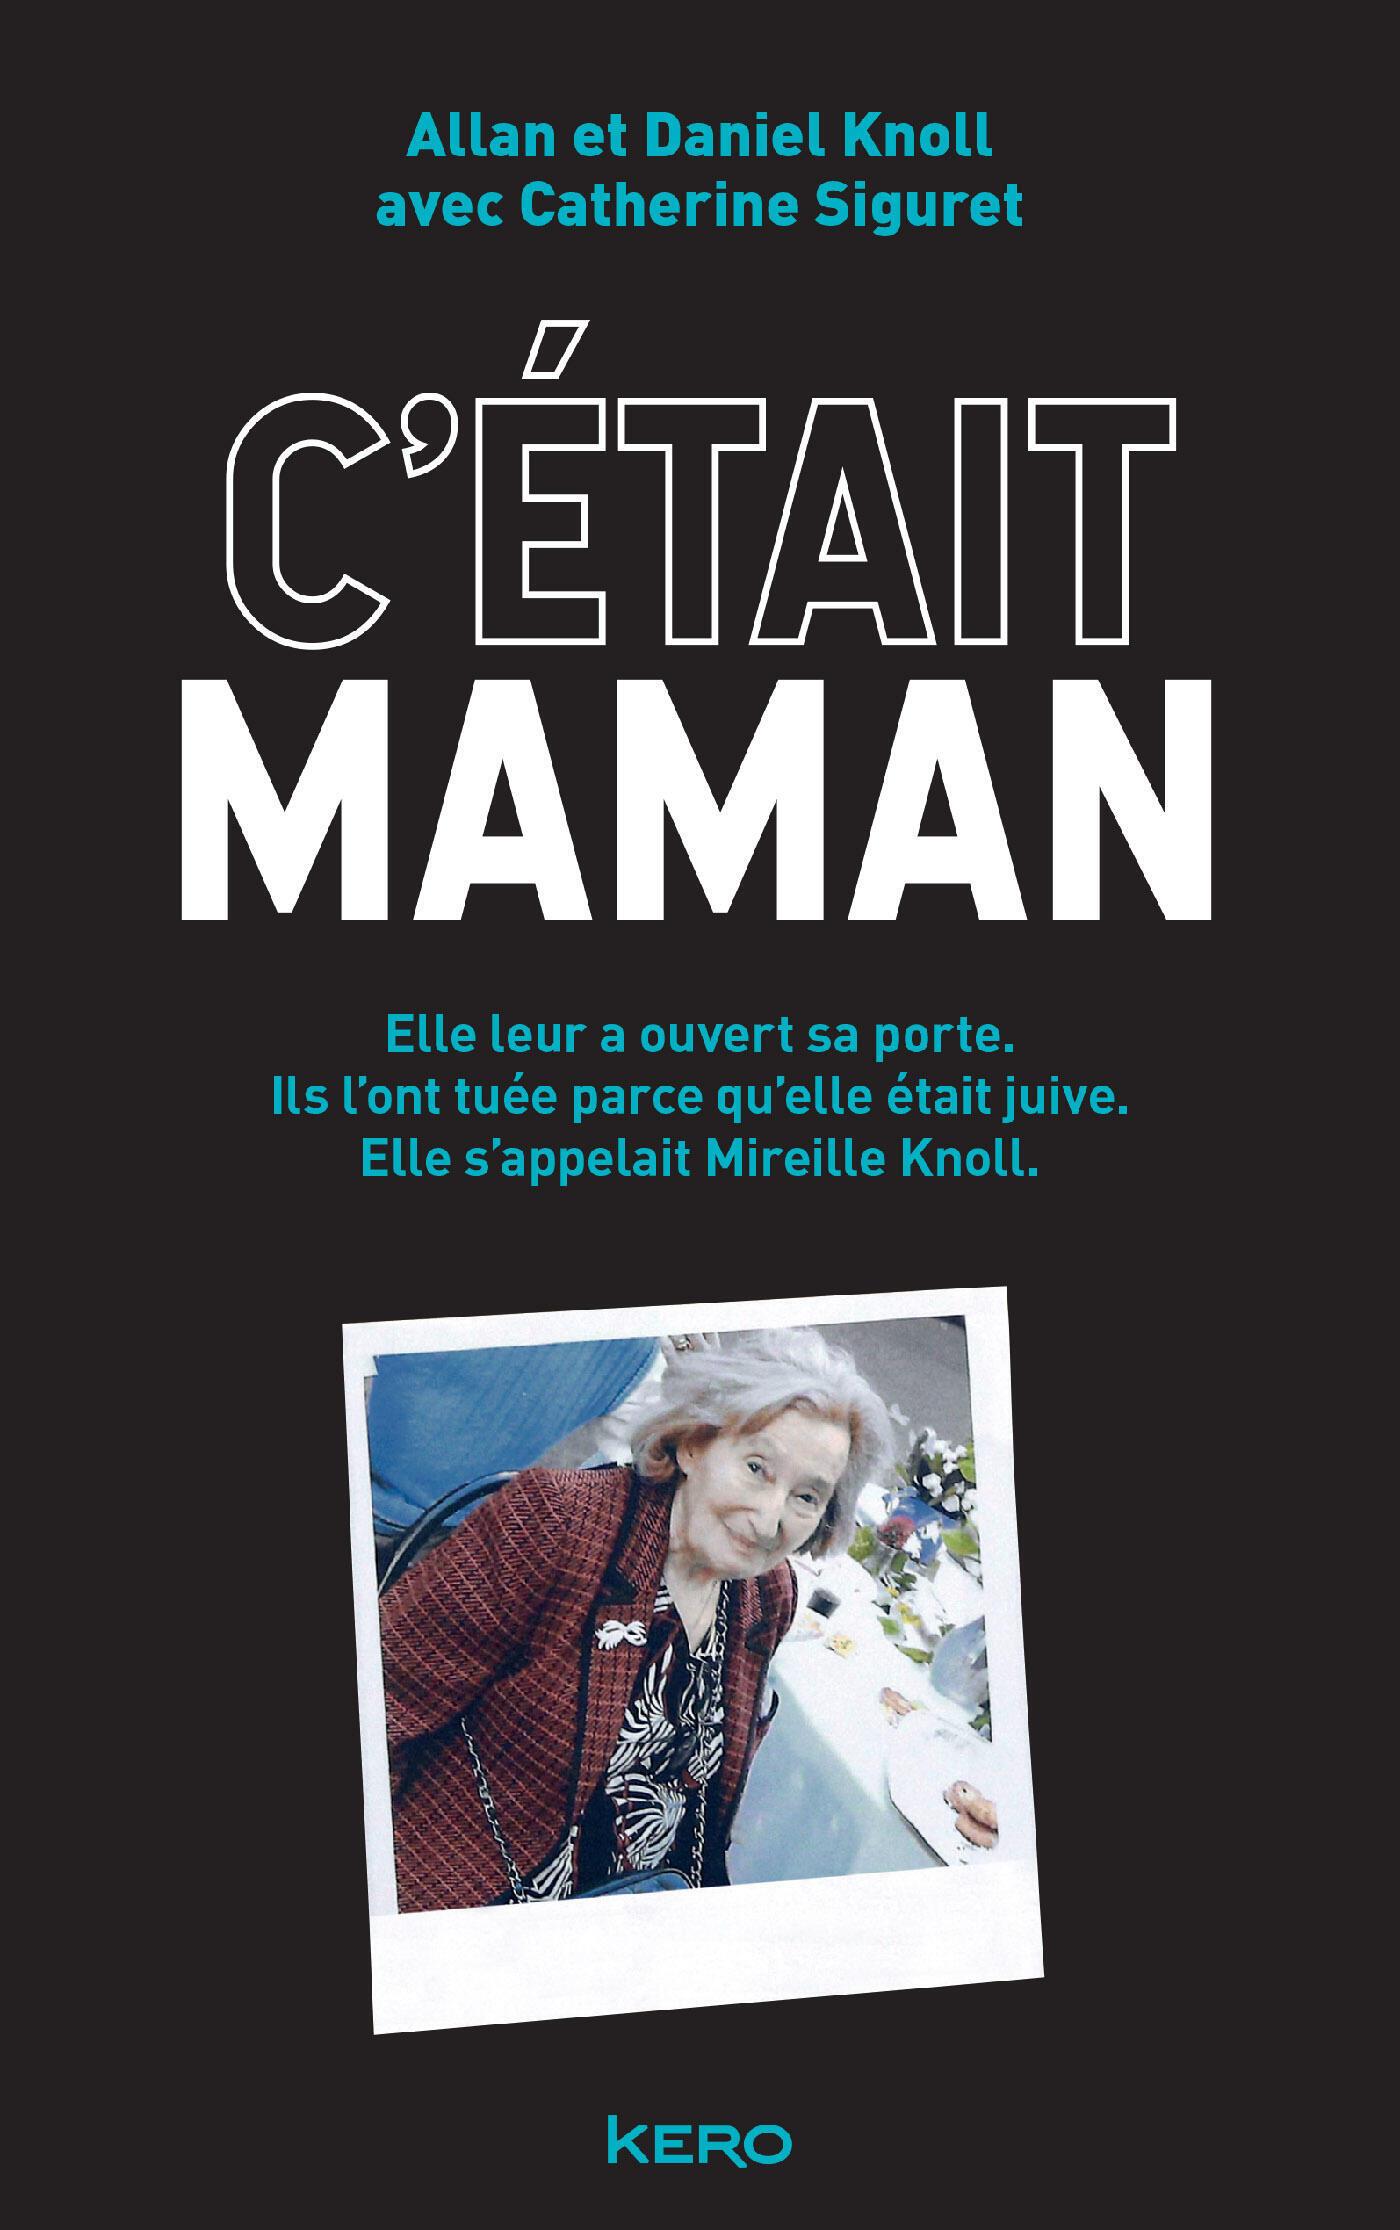 """Couverture du livre """"Cétait maman"""" de Daniel et Allan Knoll"""